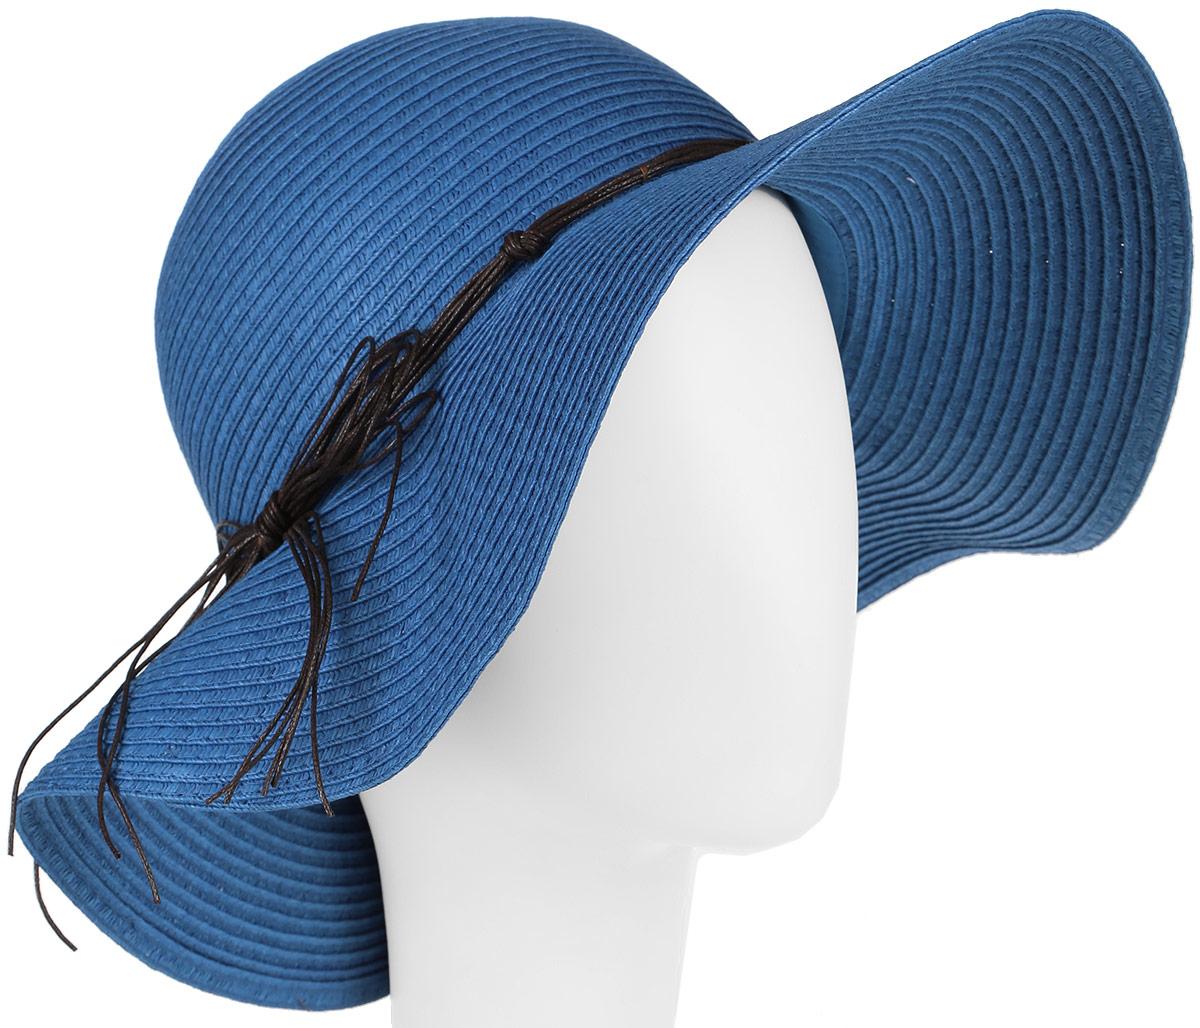 Шляпа женская Canoe Tunis, цвет: синий. 1963705. Размер 561963705Летняя женская шляпа Canoe Tunis, выполненная из искусственной соломы, станет незаменимым аксессуаром для пляжа и отдыха на природе. Широкие поля шляпы надежно защищают от солнечных лучей.Шляпа оформлена оригинальным плетеным шнурком вокруг тульи, завязанным бантом. Плетение шляпы обеспечивает необходимую вентиляцию и комфорт даже в самый знойный день. Шляпа легко восстанавливает свою форму после сжатия.Стильная шляпа с элегантными волнистыми полями подчеркнет вашу неповторимость и дополнит ваш повседневный образ.